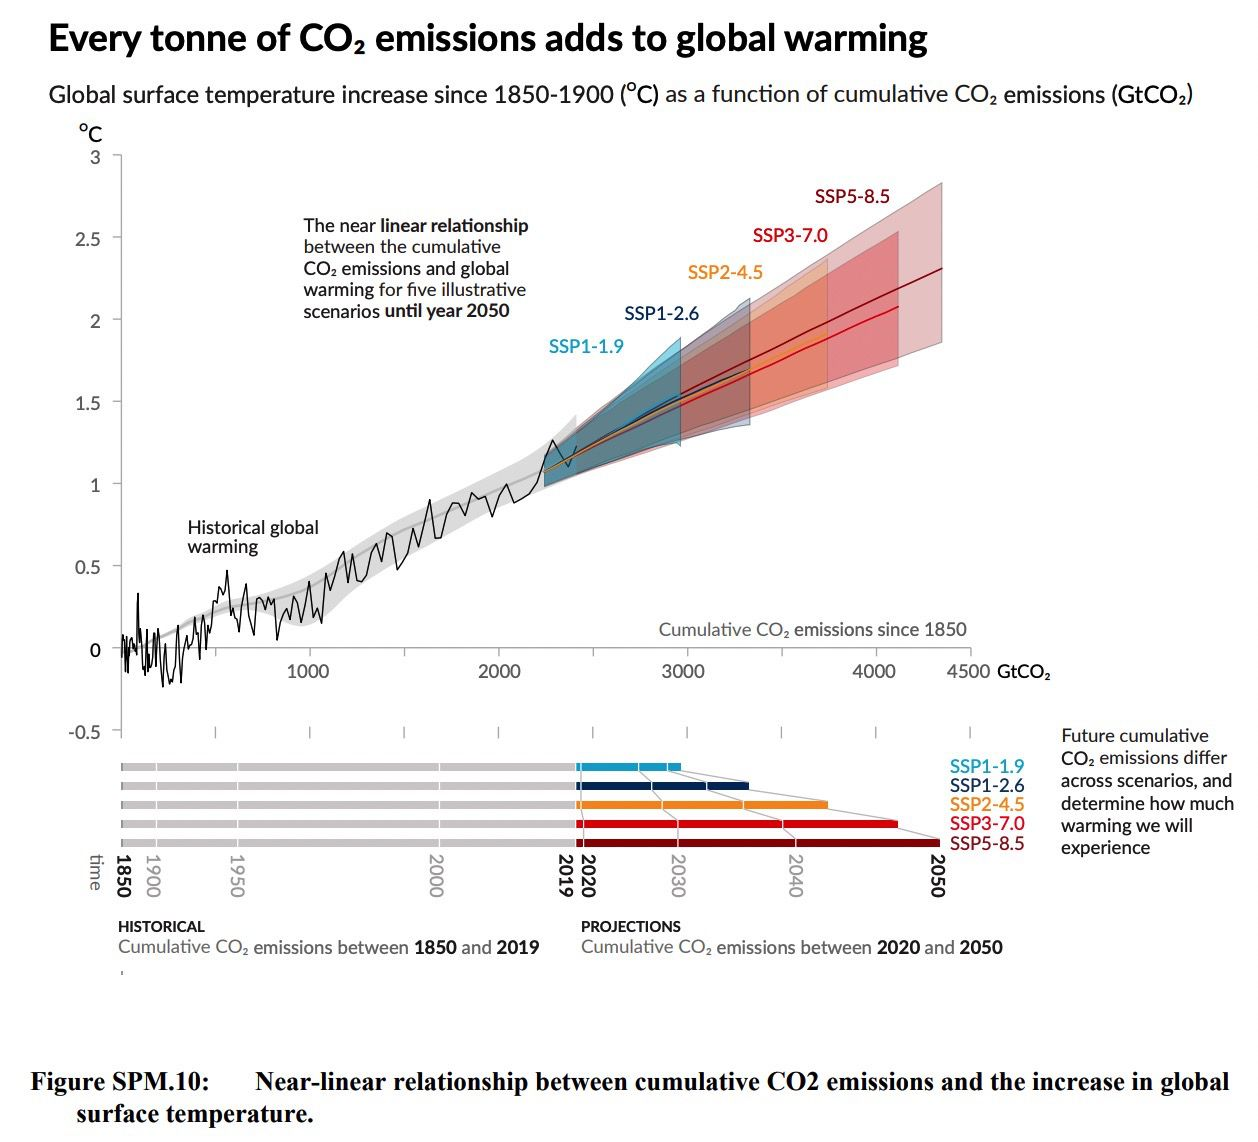 the emissions are cumulative